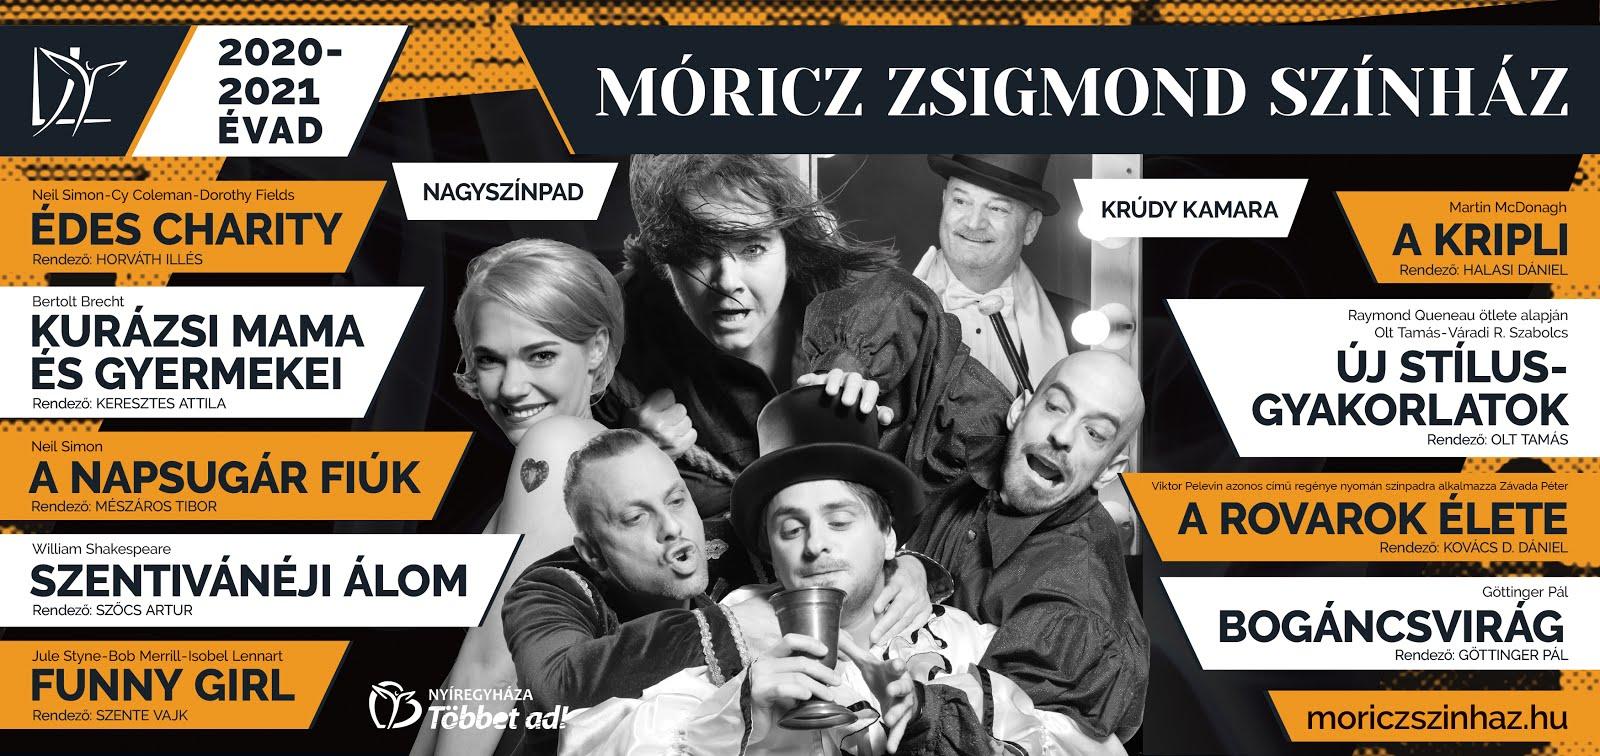 Indul a bérletmegújítás és -értékesítés a Móricz Zsigmond Színházban!